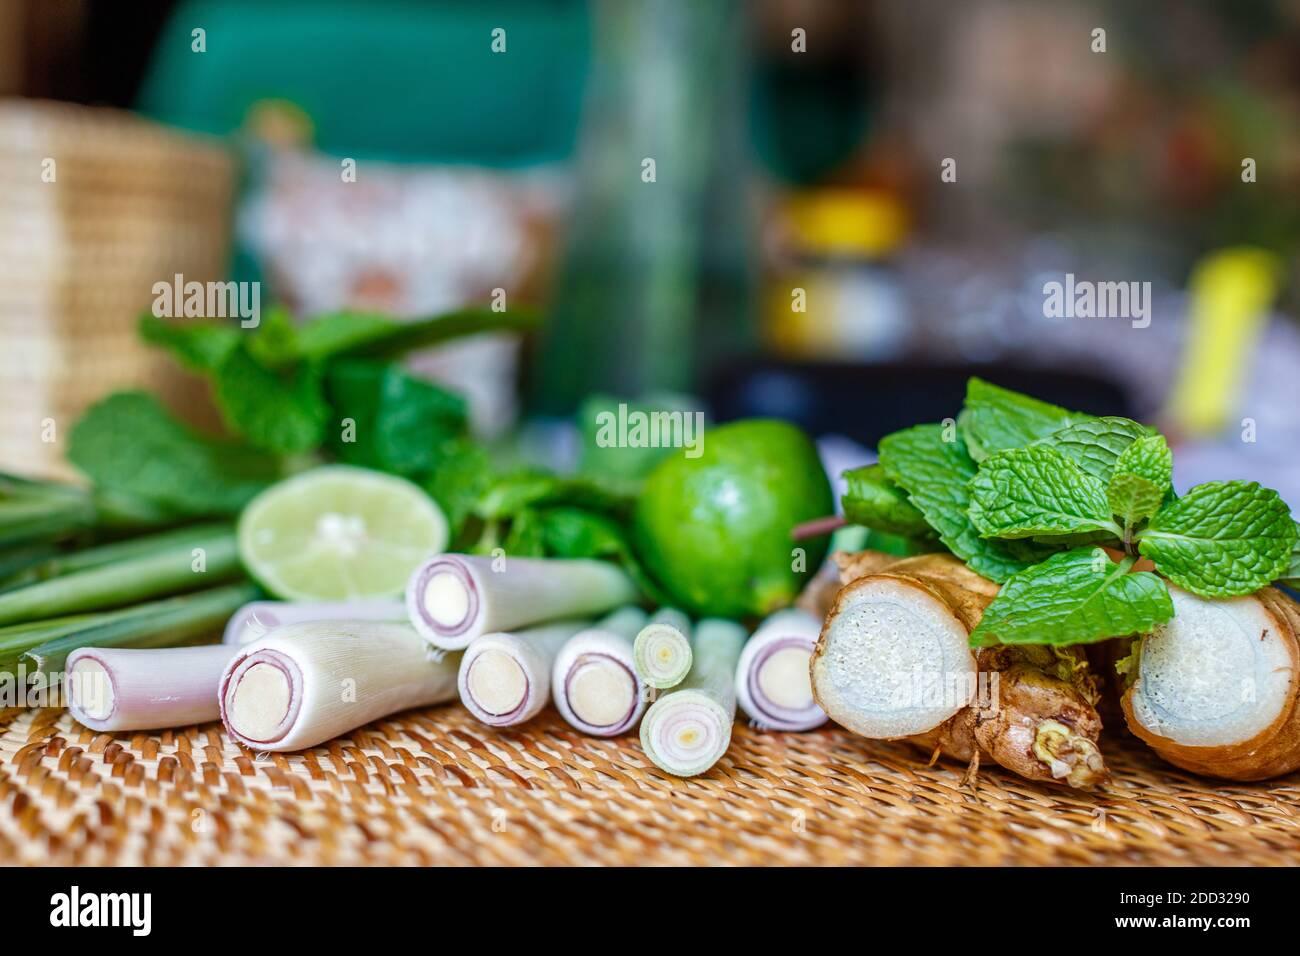 Hierba limón, jengibre, menta y lima. Set de té de hierbas. Con espacio. Enfoque suave. Foto de stock